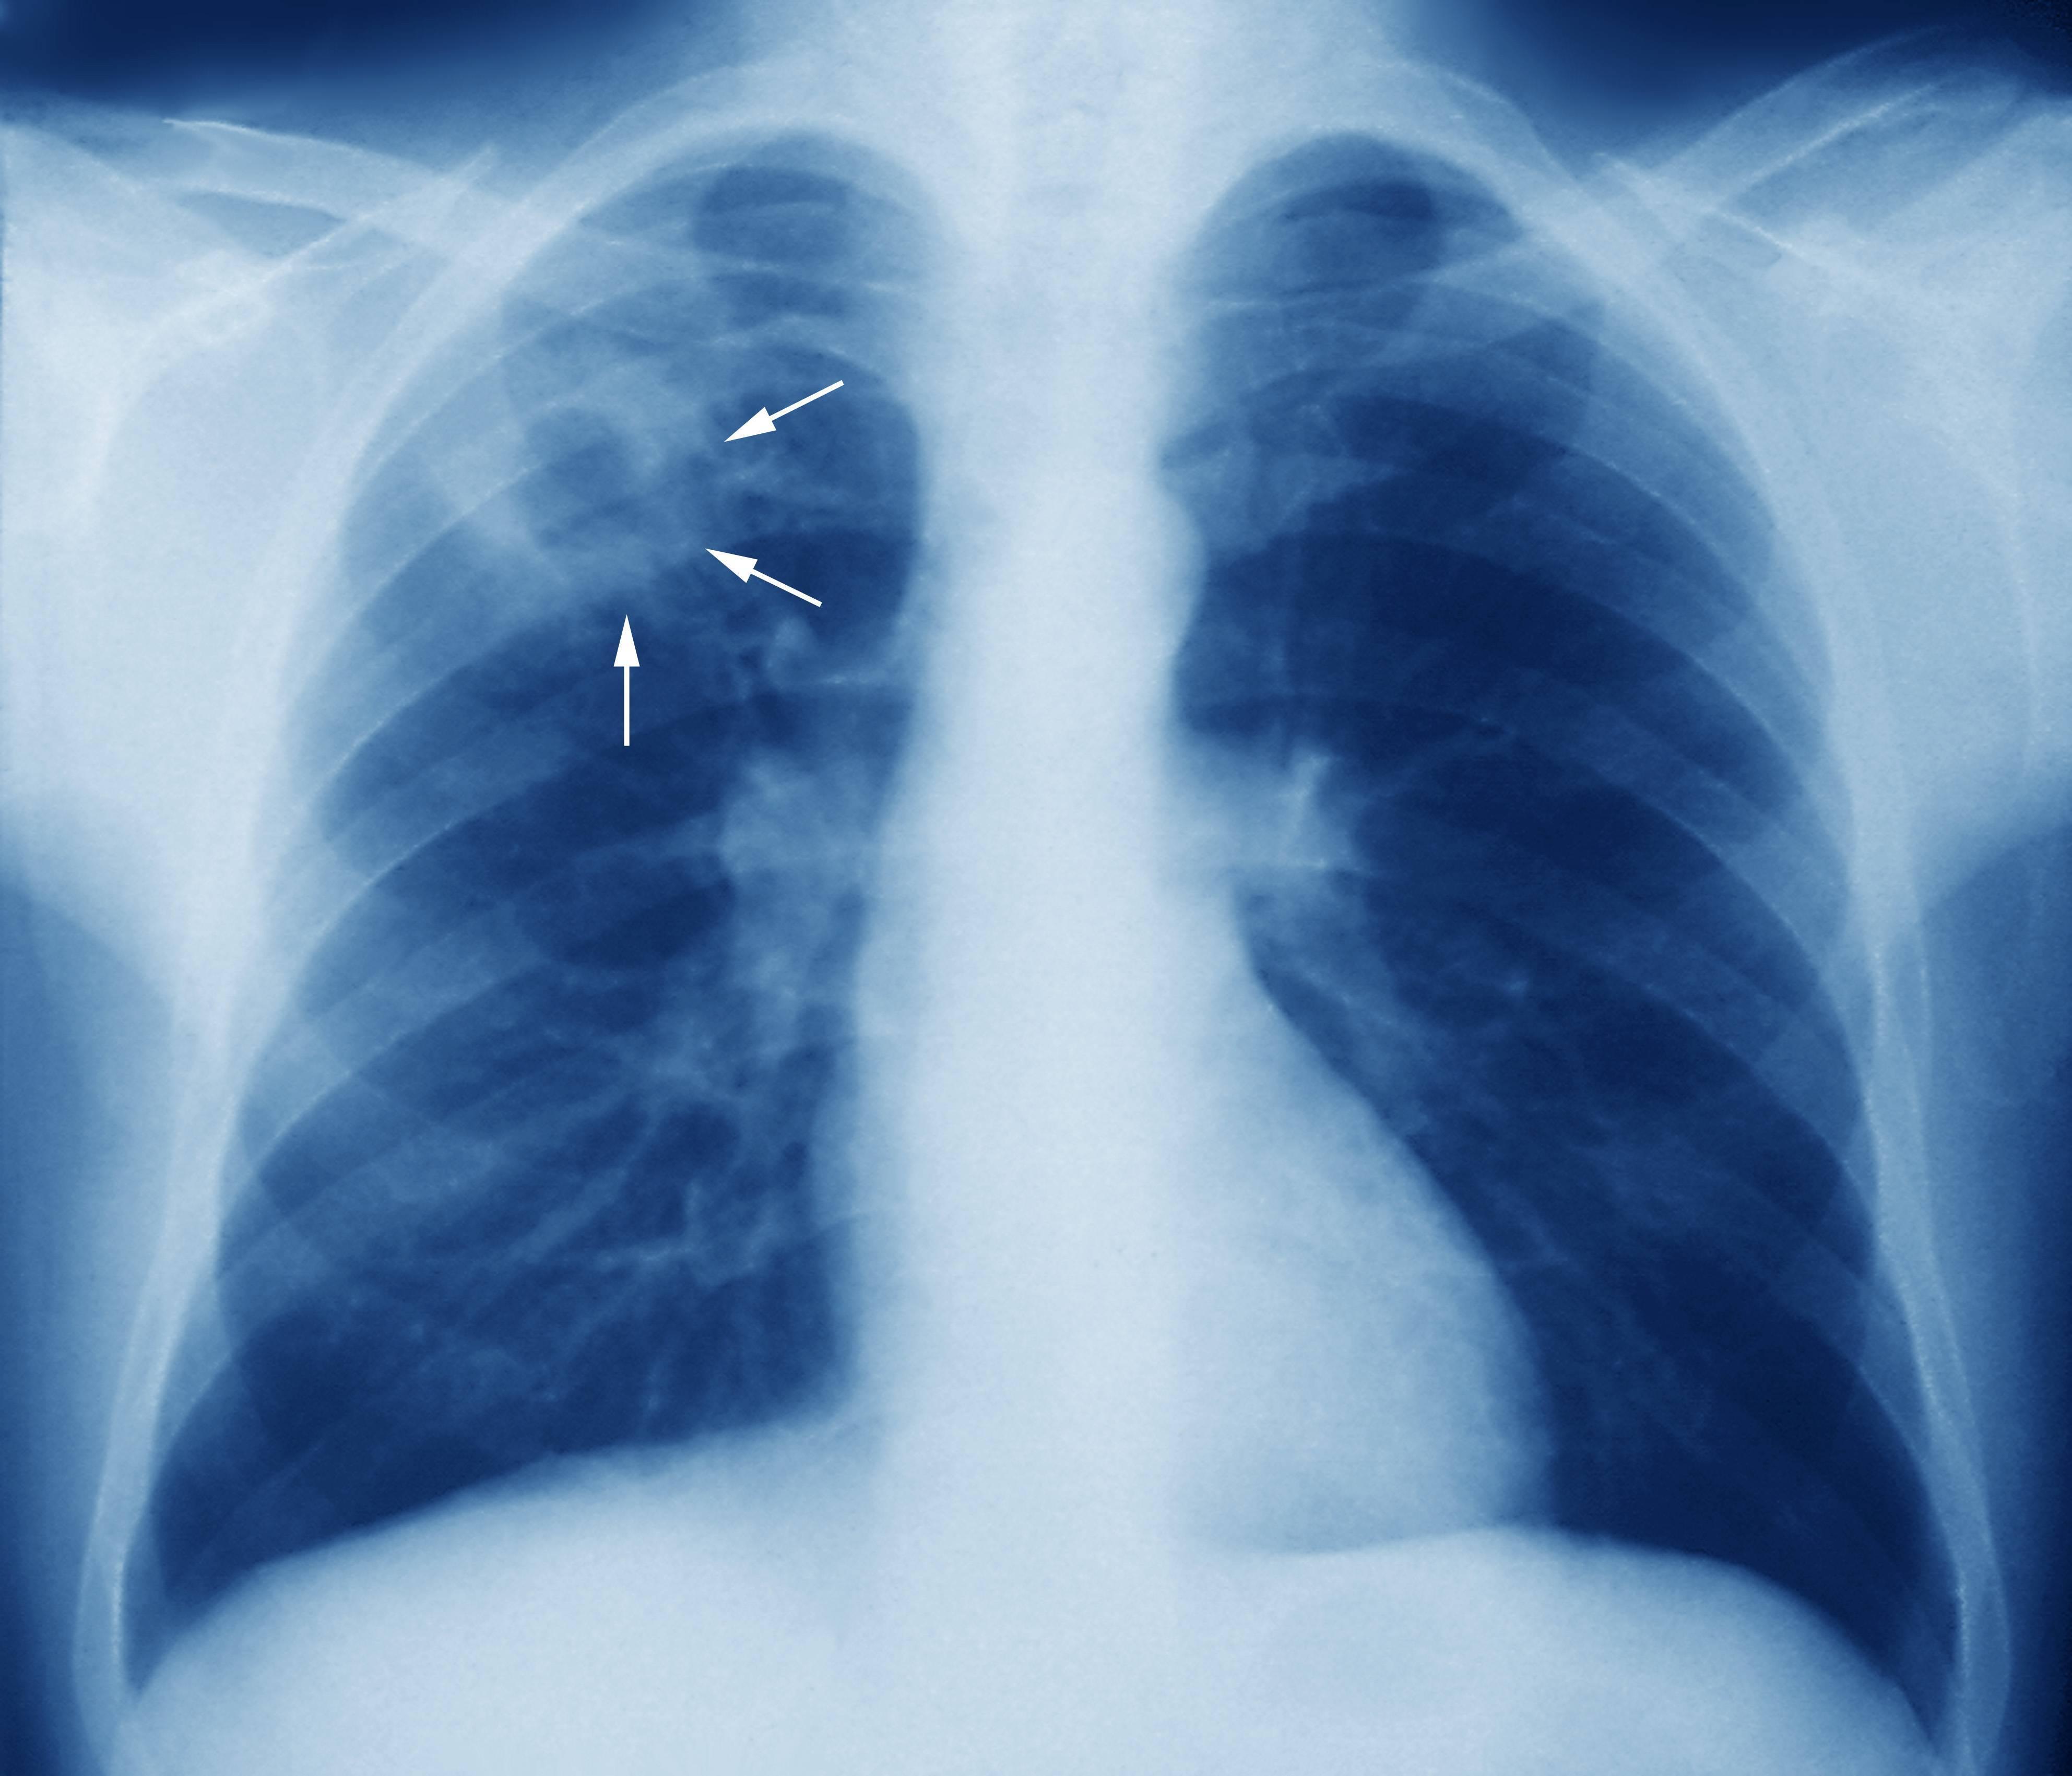 Множественная лекарственная устойчивость при туберкулезе: виды и принципы лечения